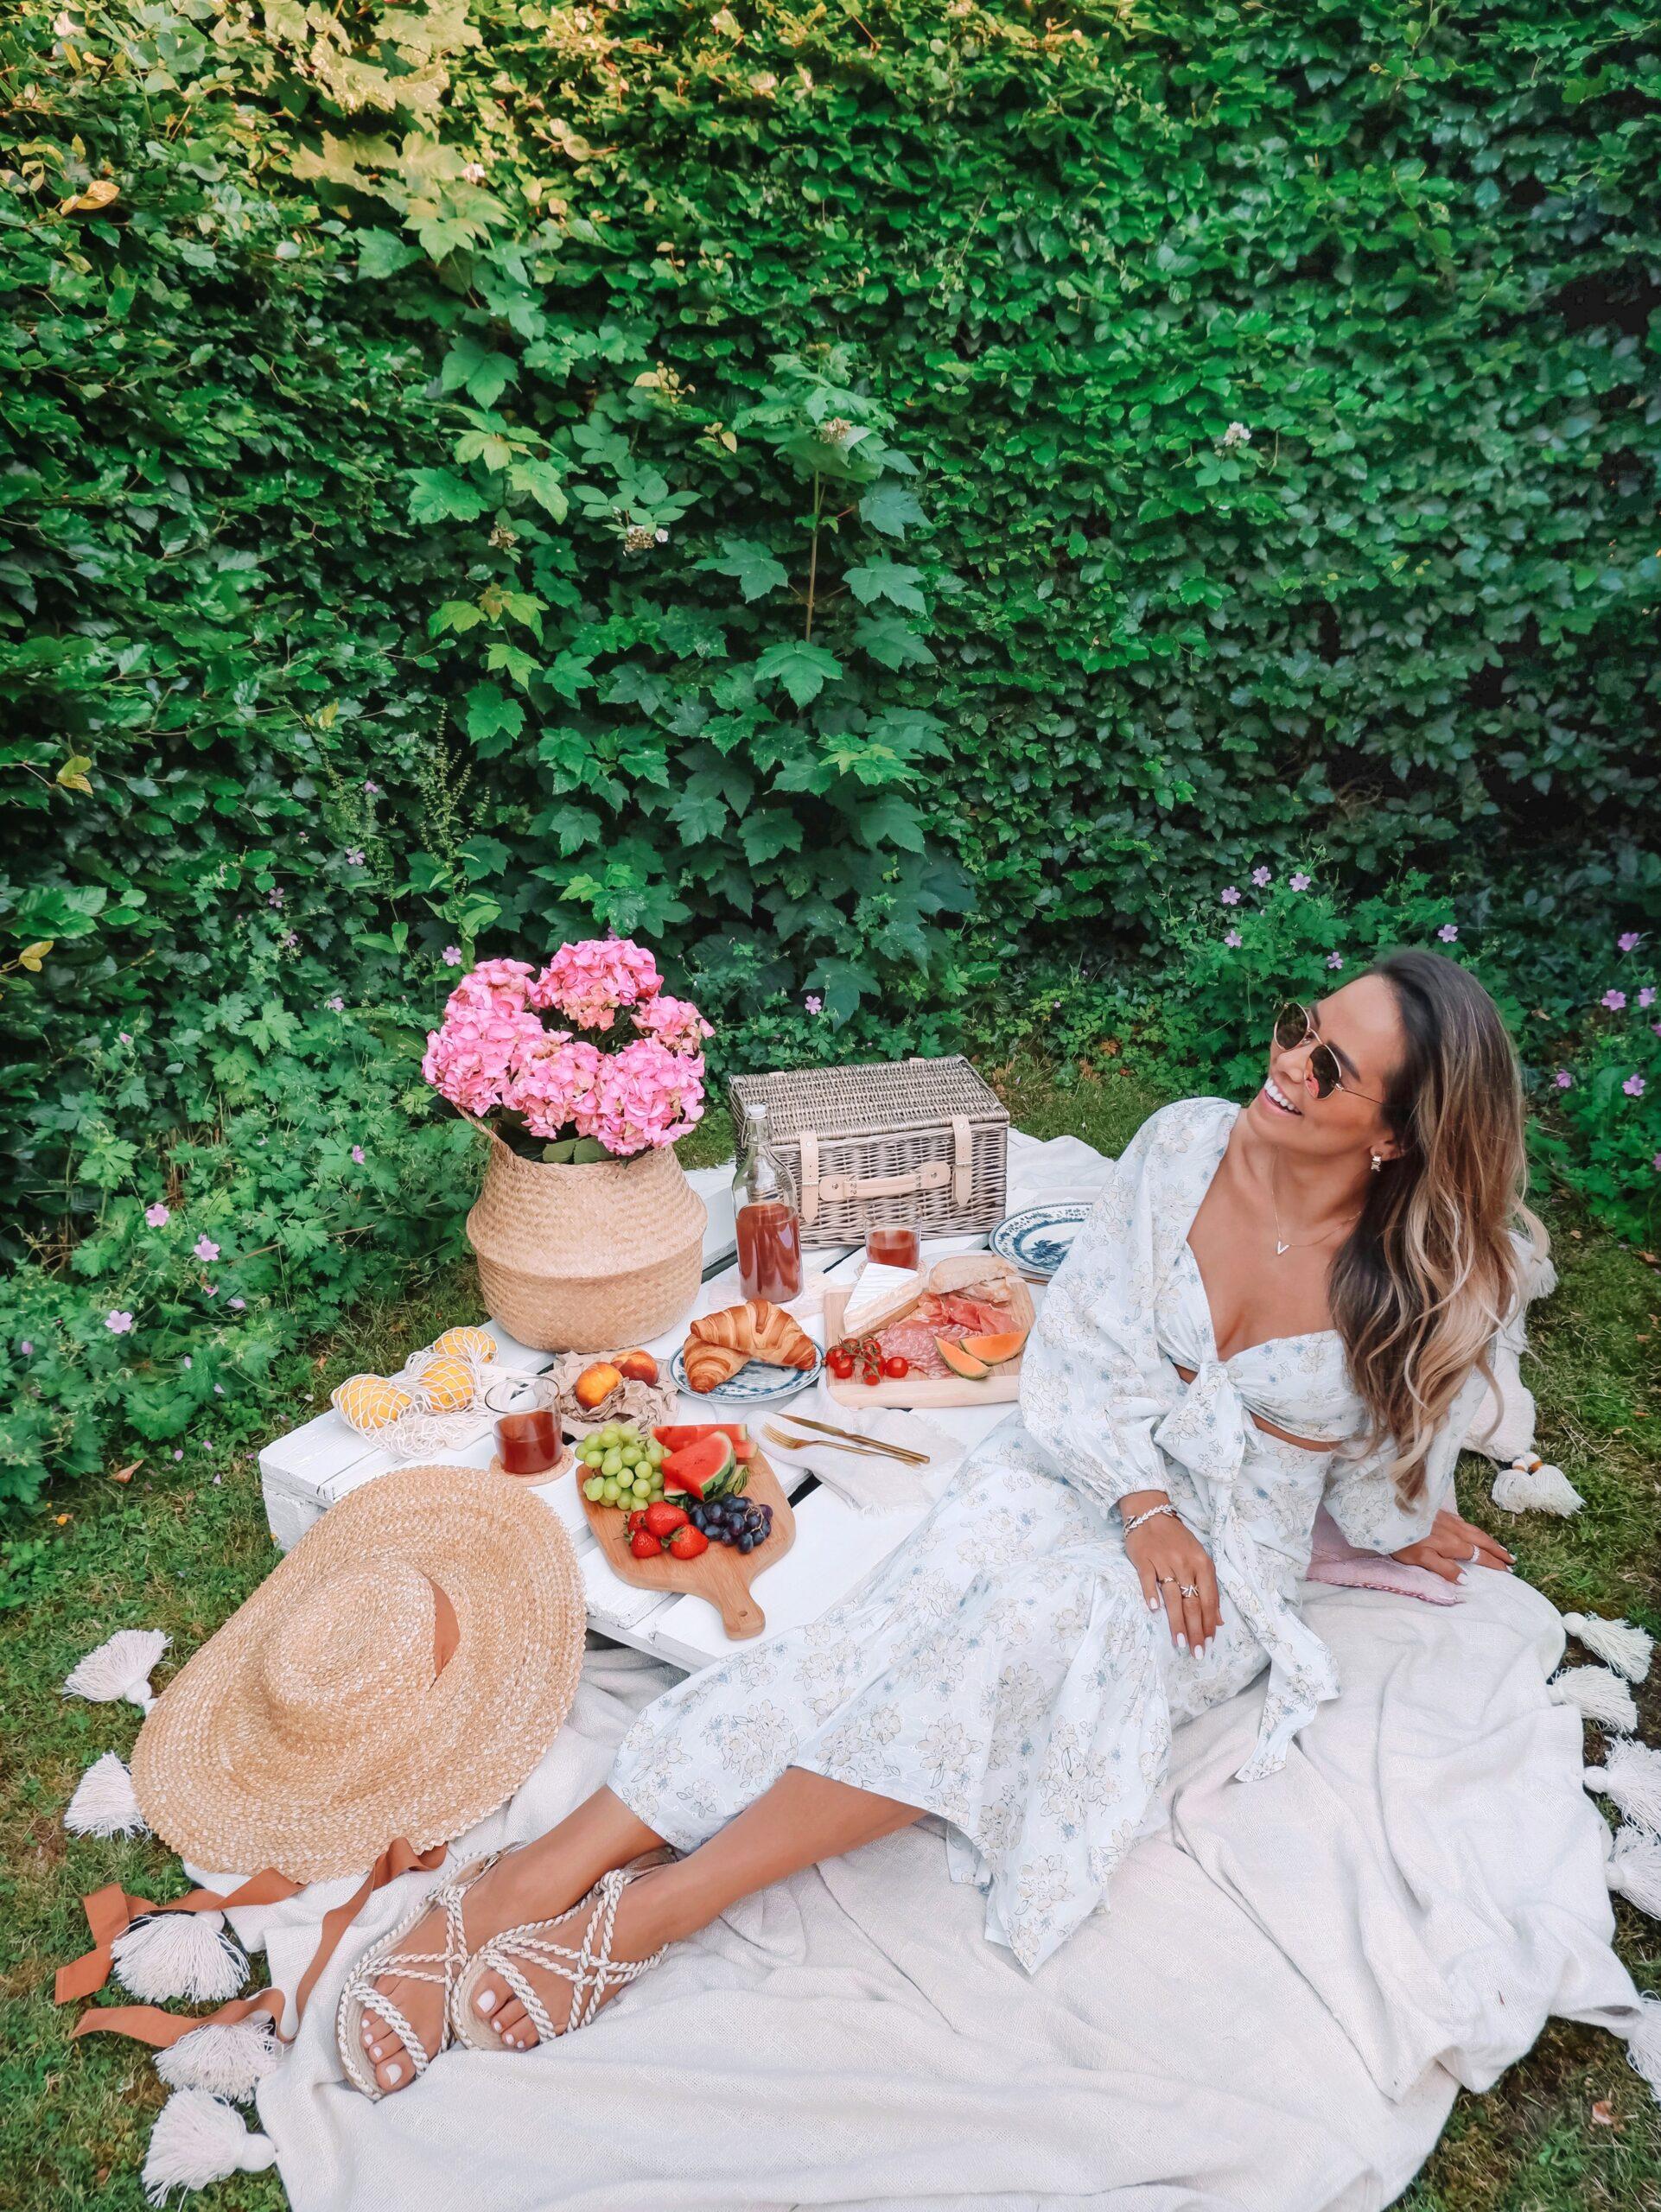 Camilla Mount picnic ideas